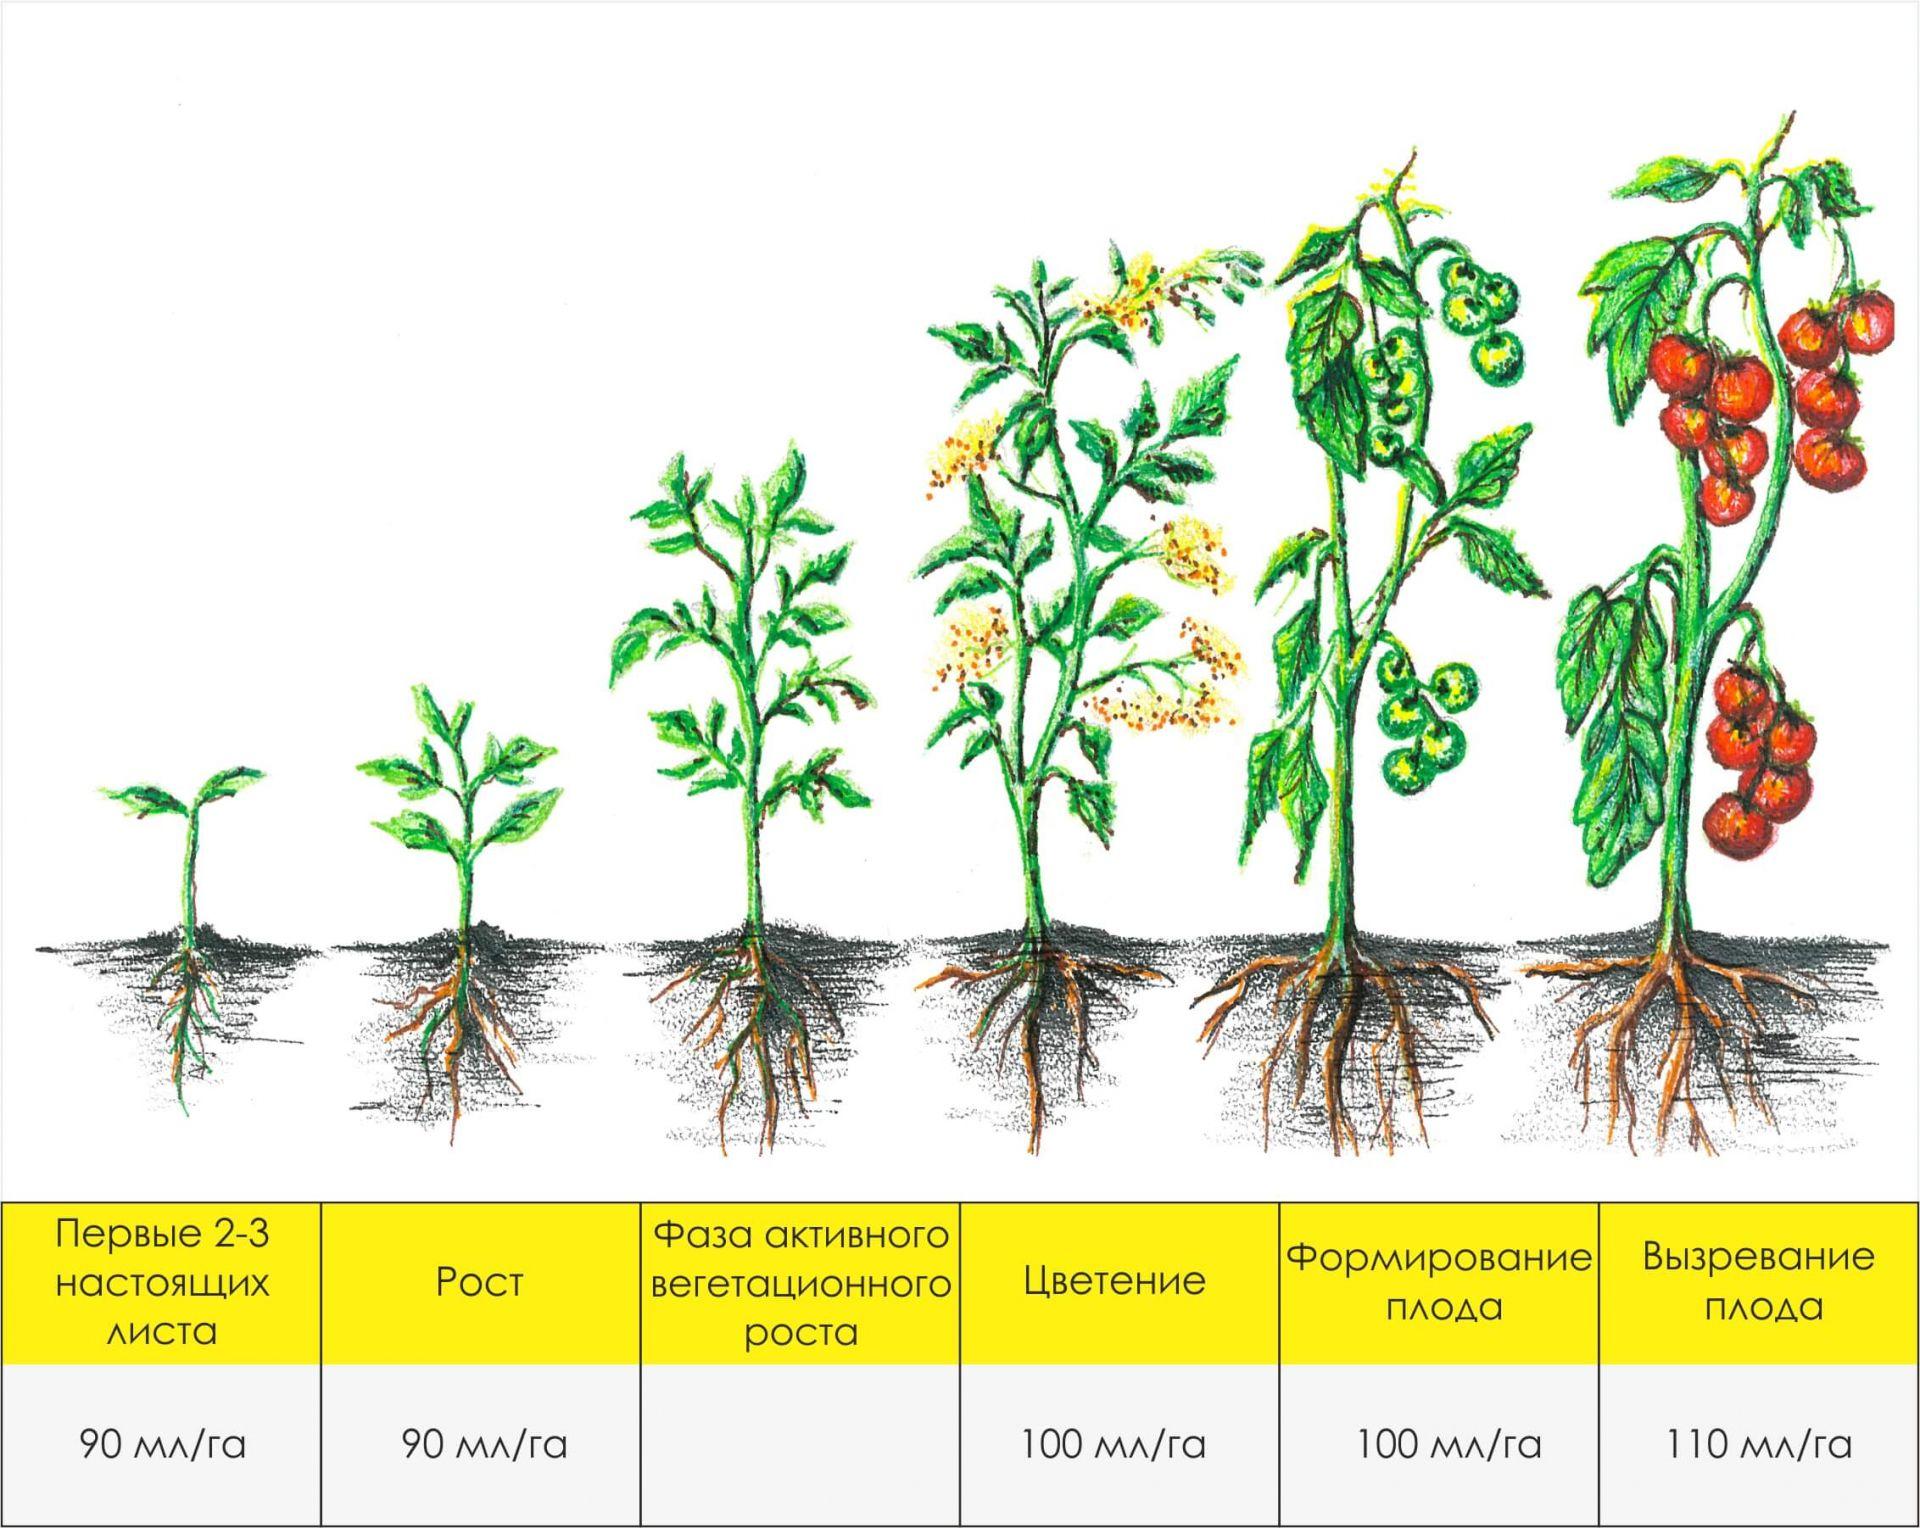 Что значит вегетация и вегетационный период растений: вегетативная продолжительность